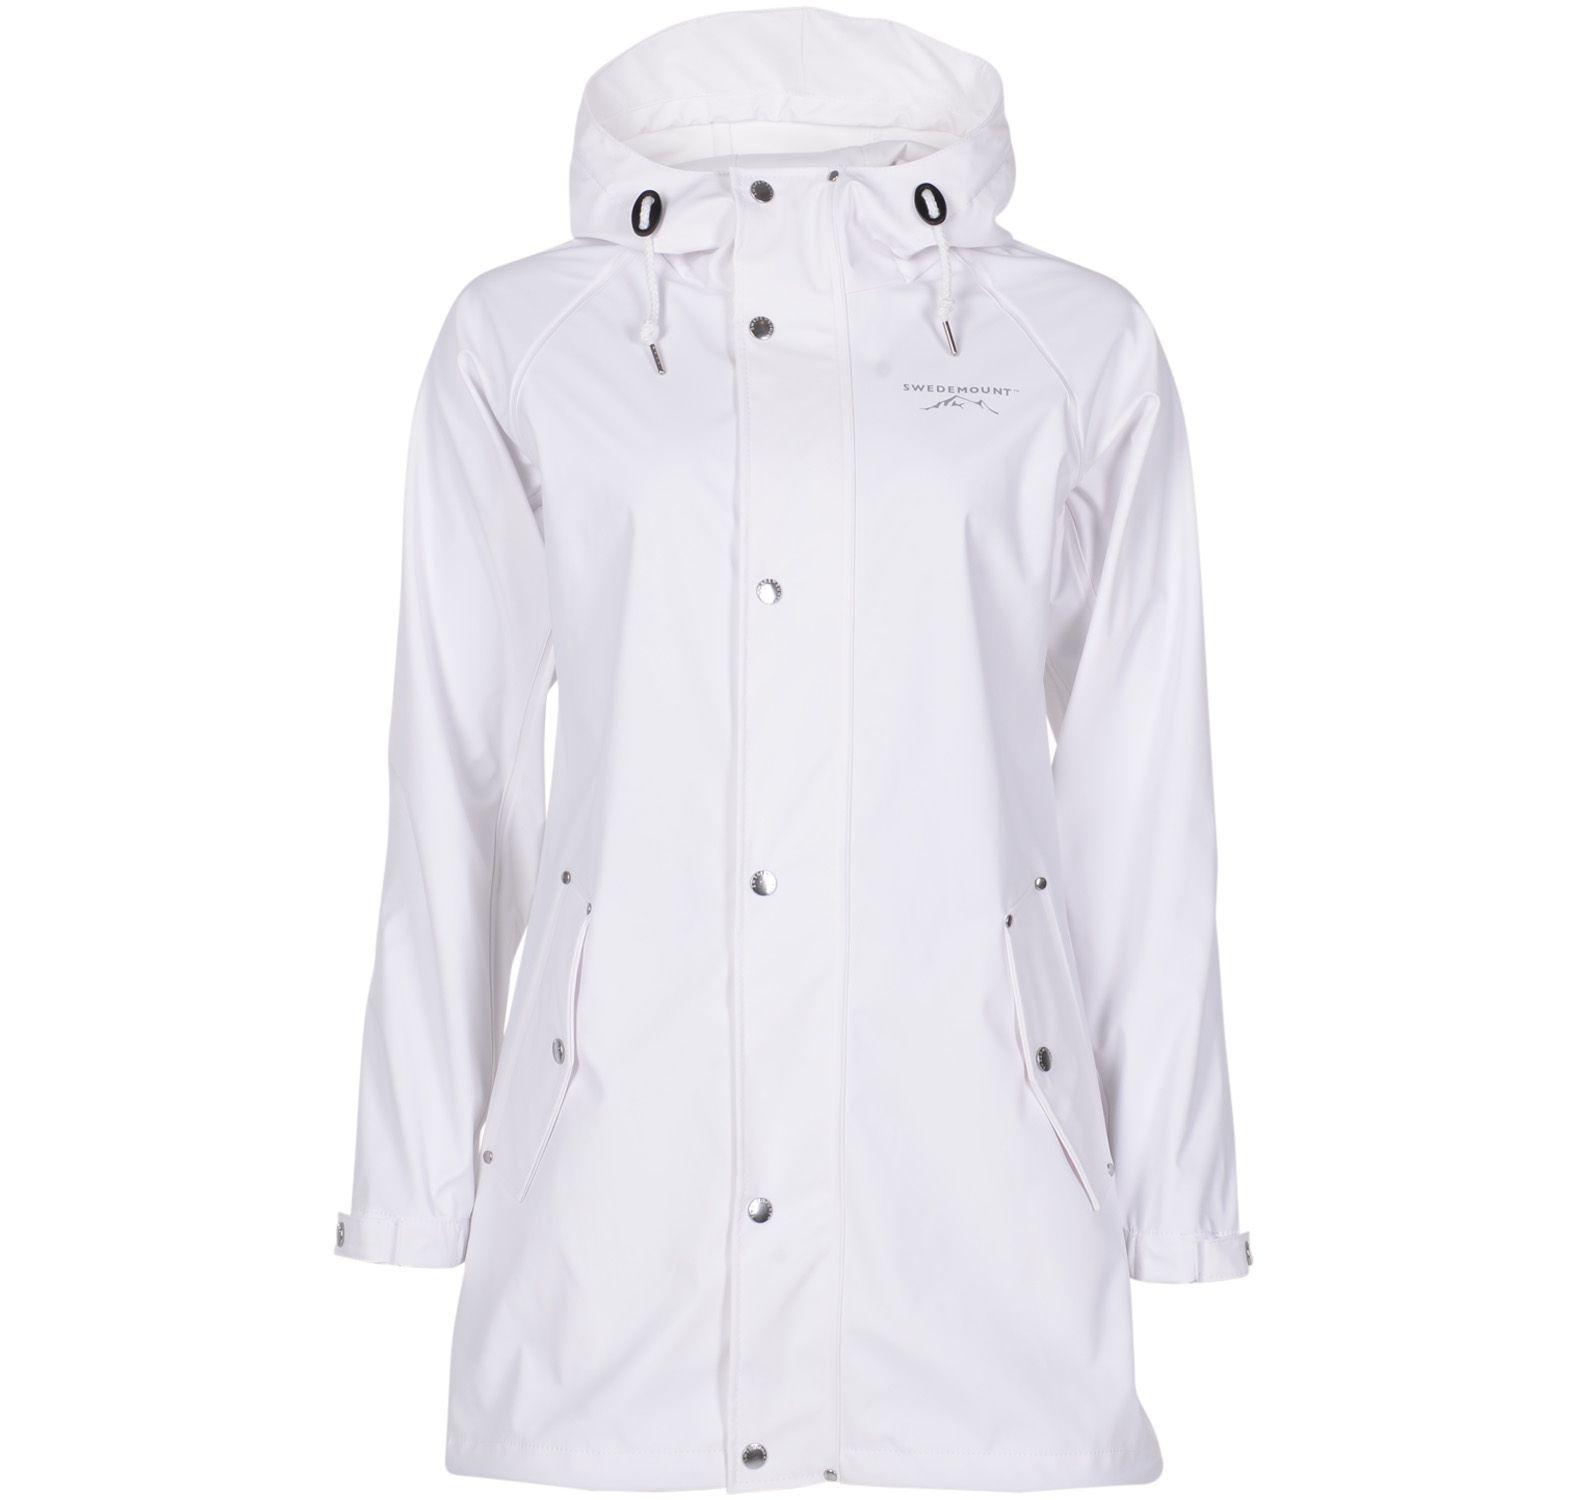 Väderöarna Coat W, White, 50, Regnkläder